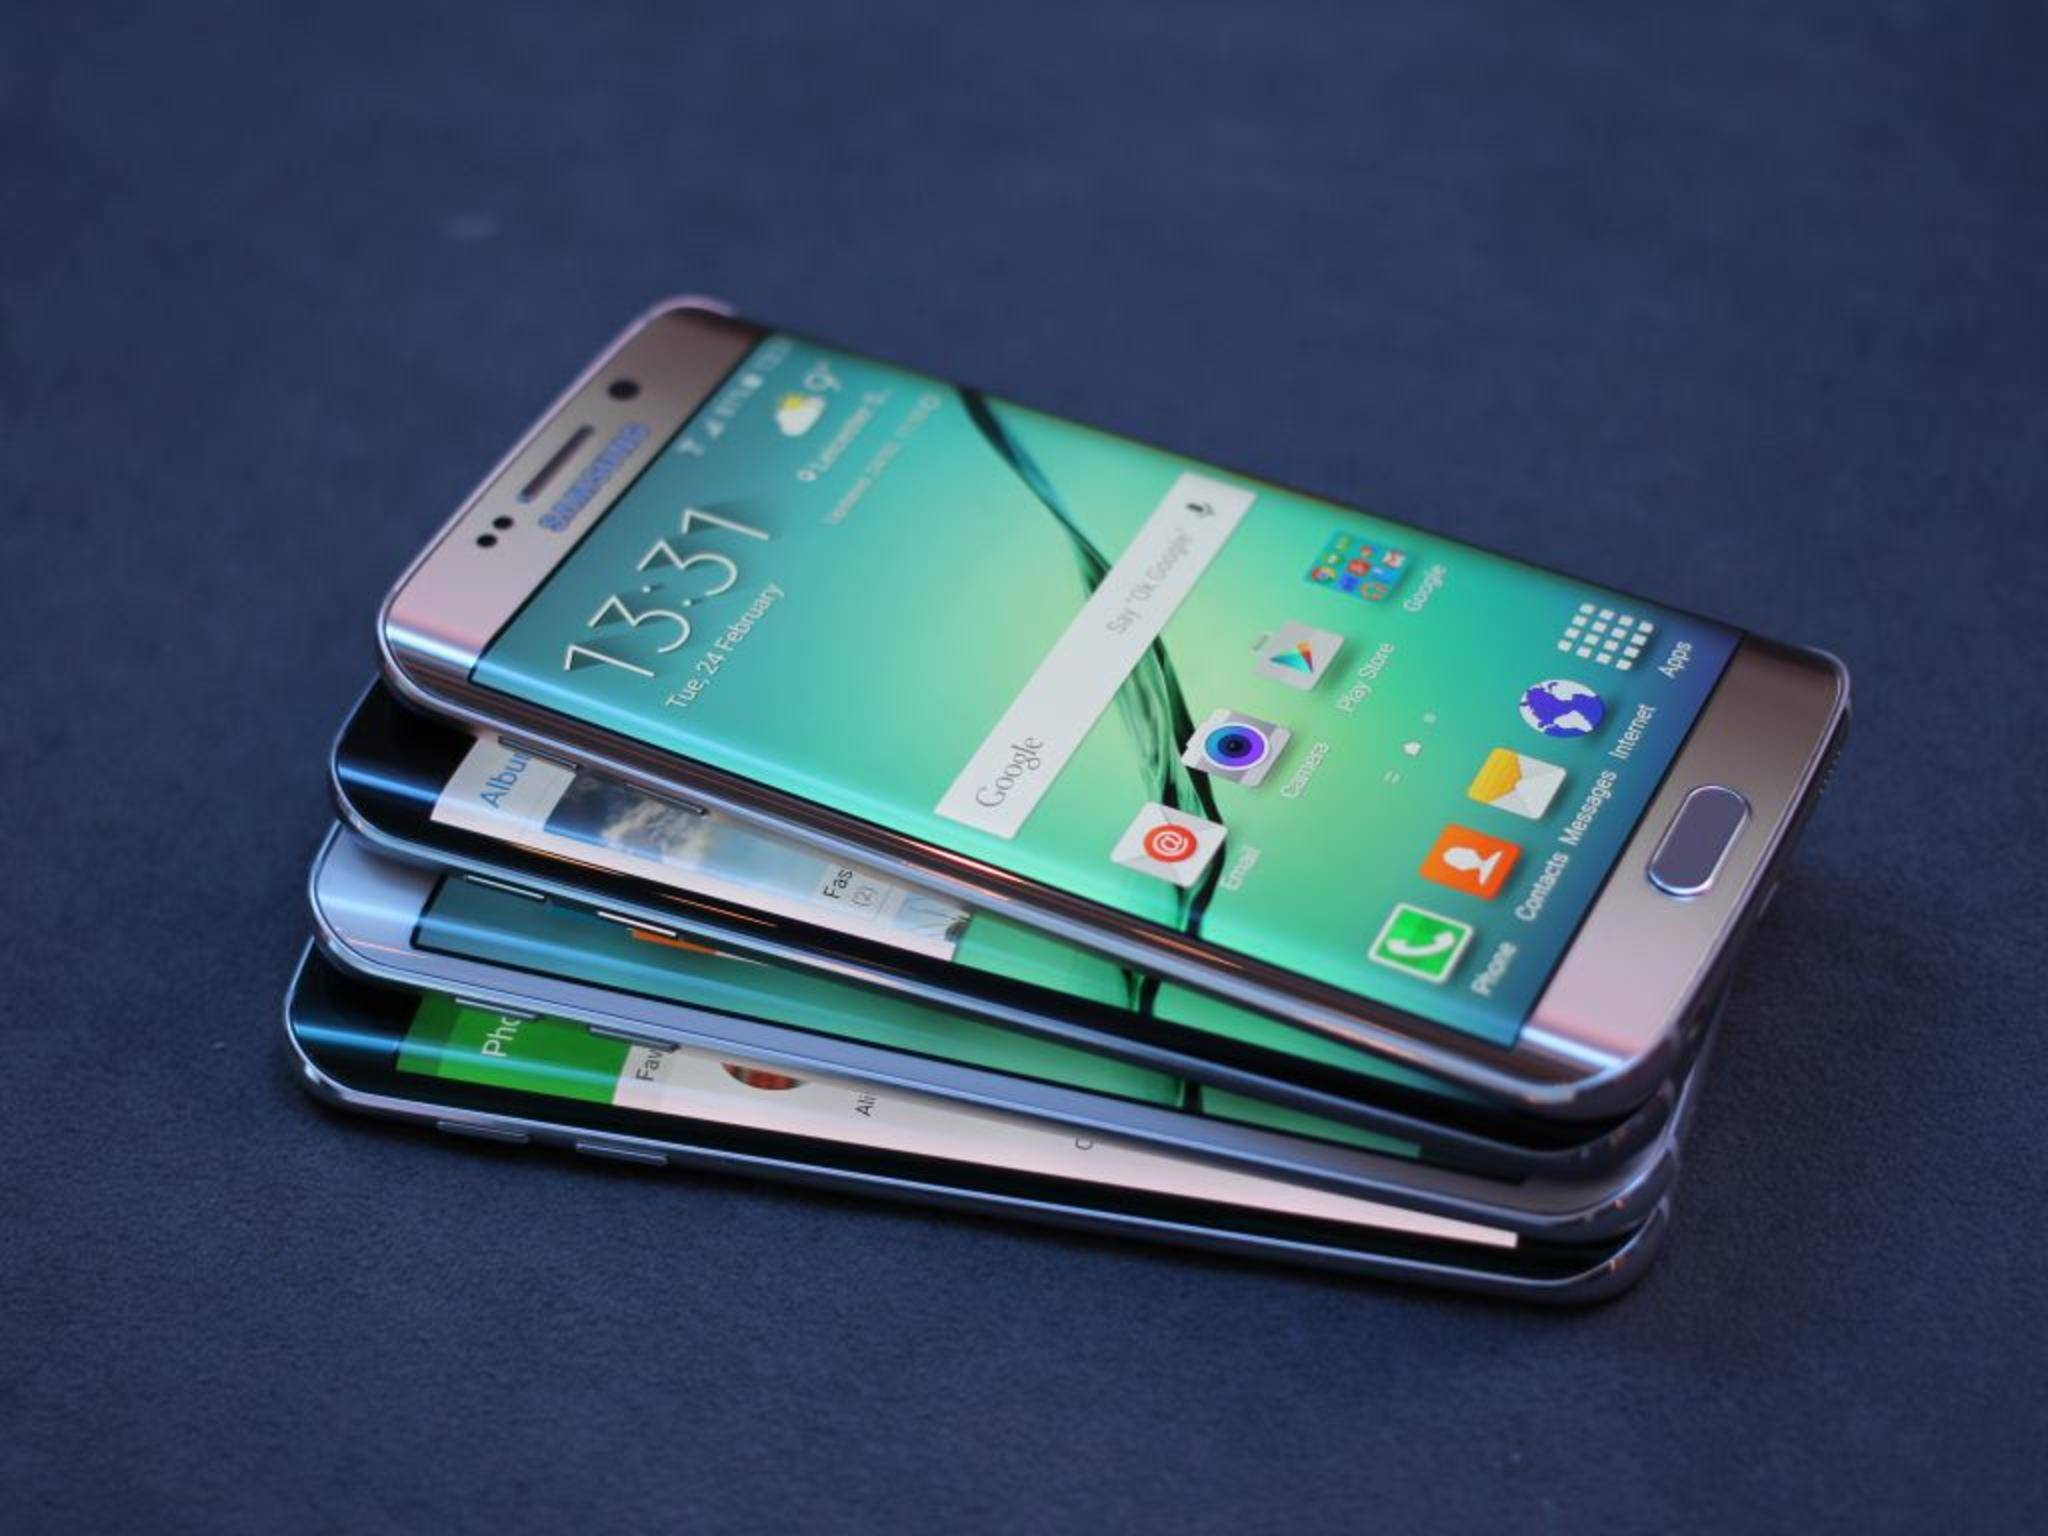 Cool und praktisch: das Curved-Display des Samsung Galaxy S6 Edge.